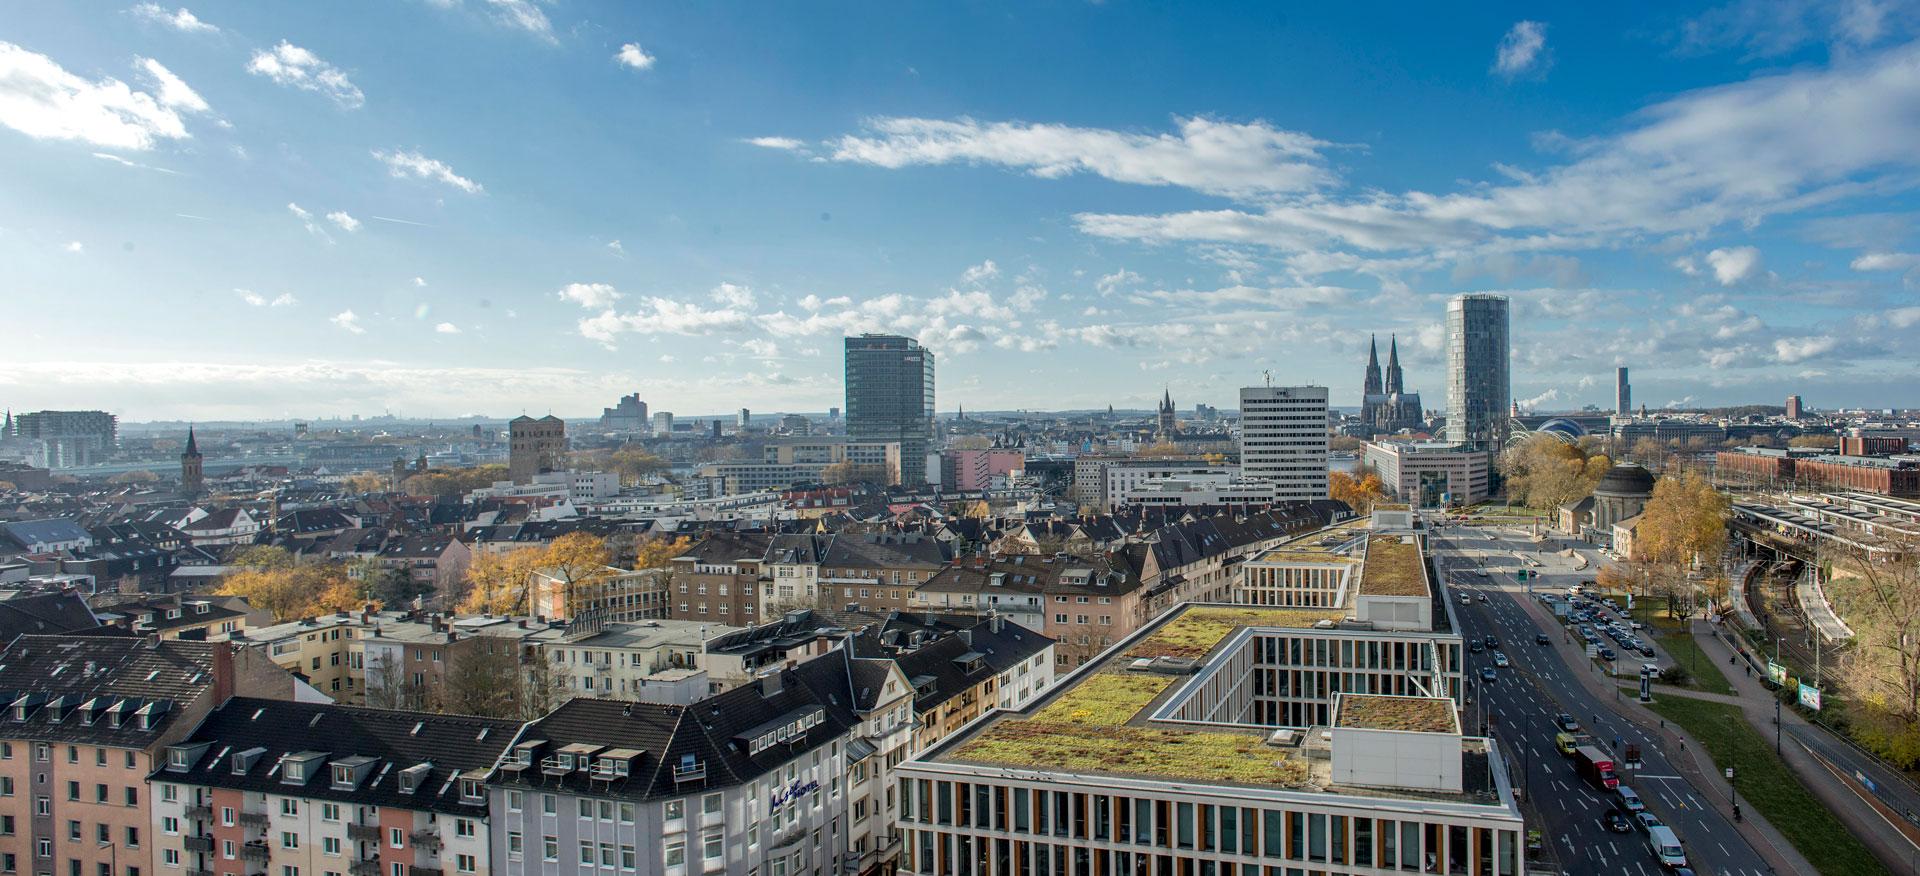 Blick über Köln vom Stadthaus in Köln aus